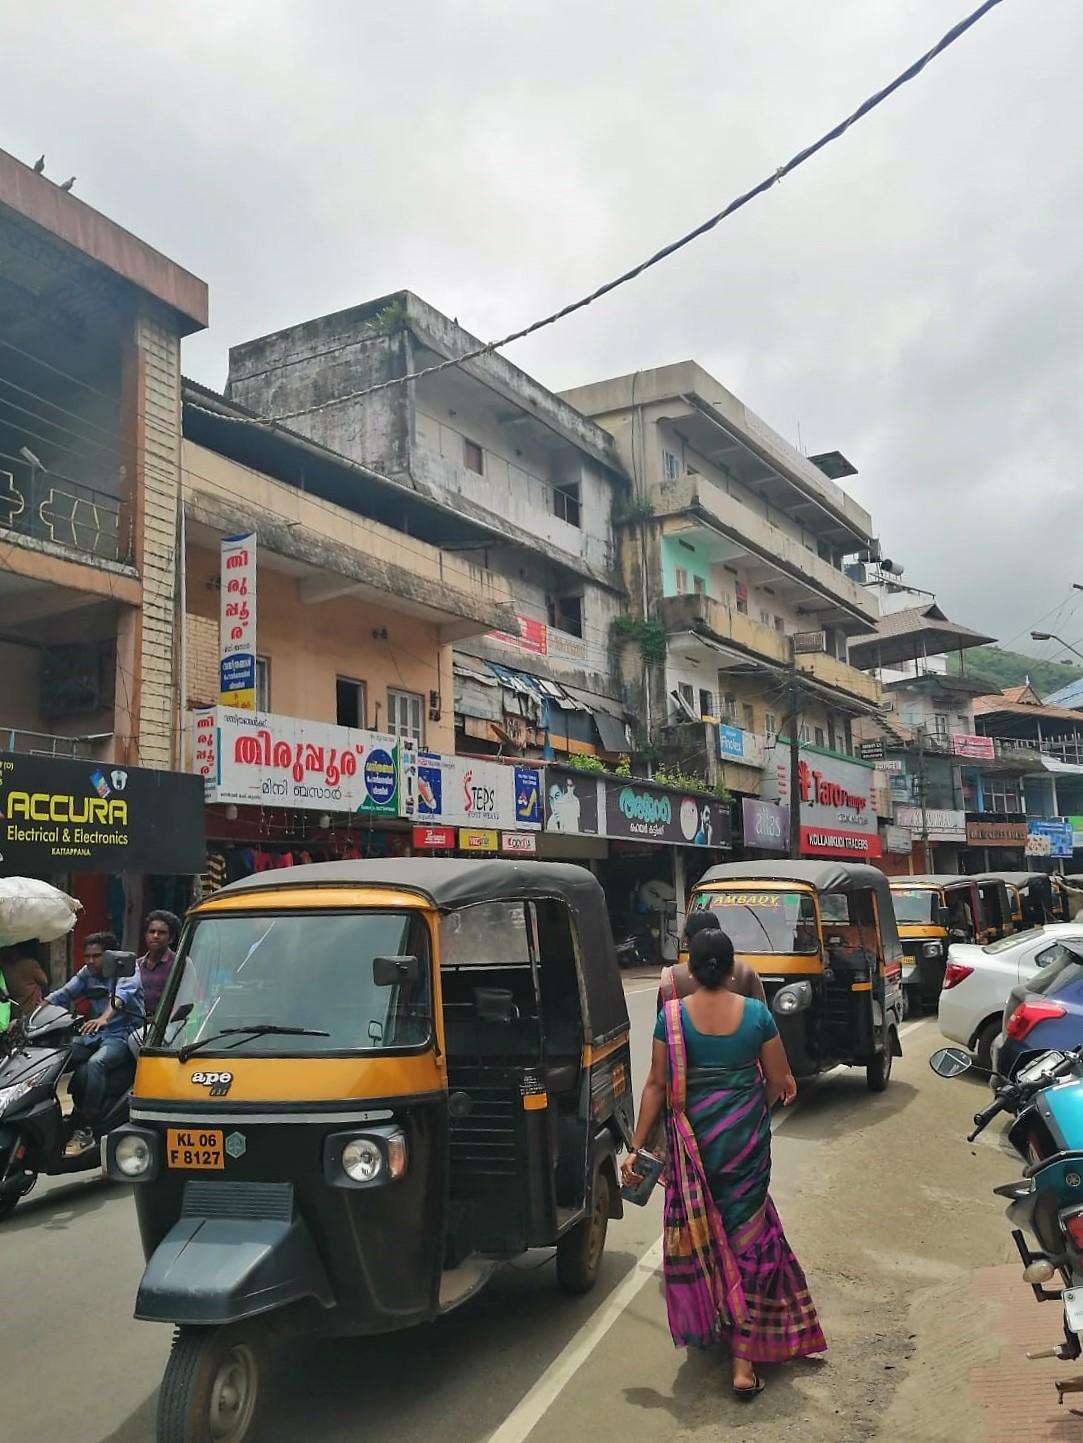 _15_08_19_India_Kerala_JVC__1_.jpg